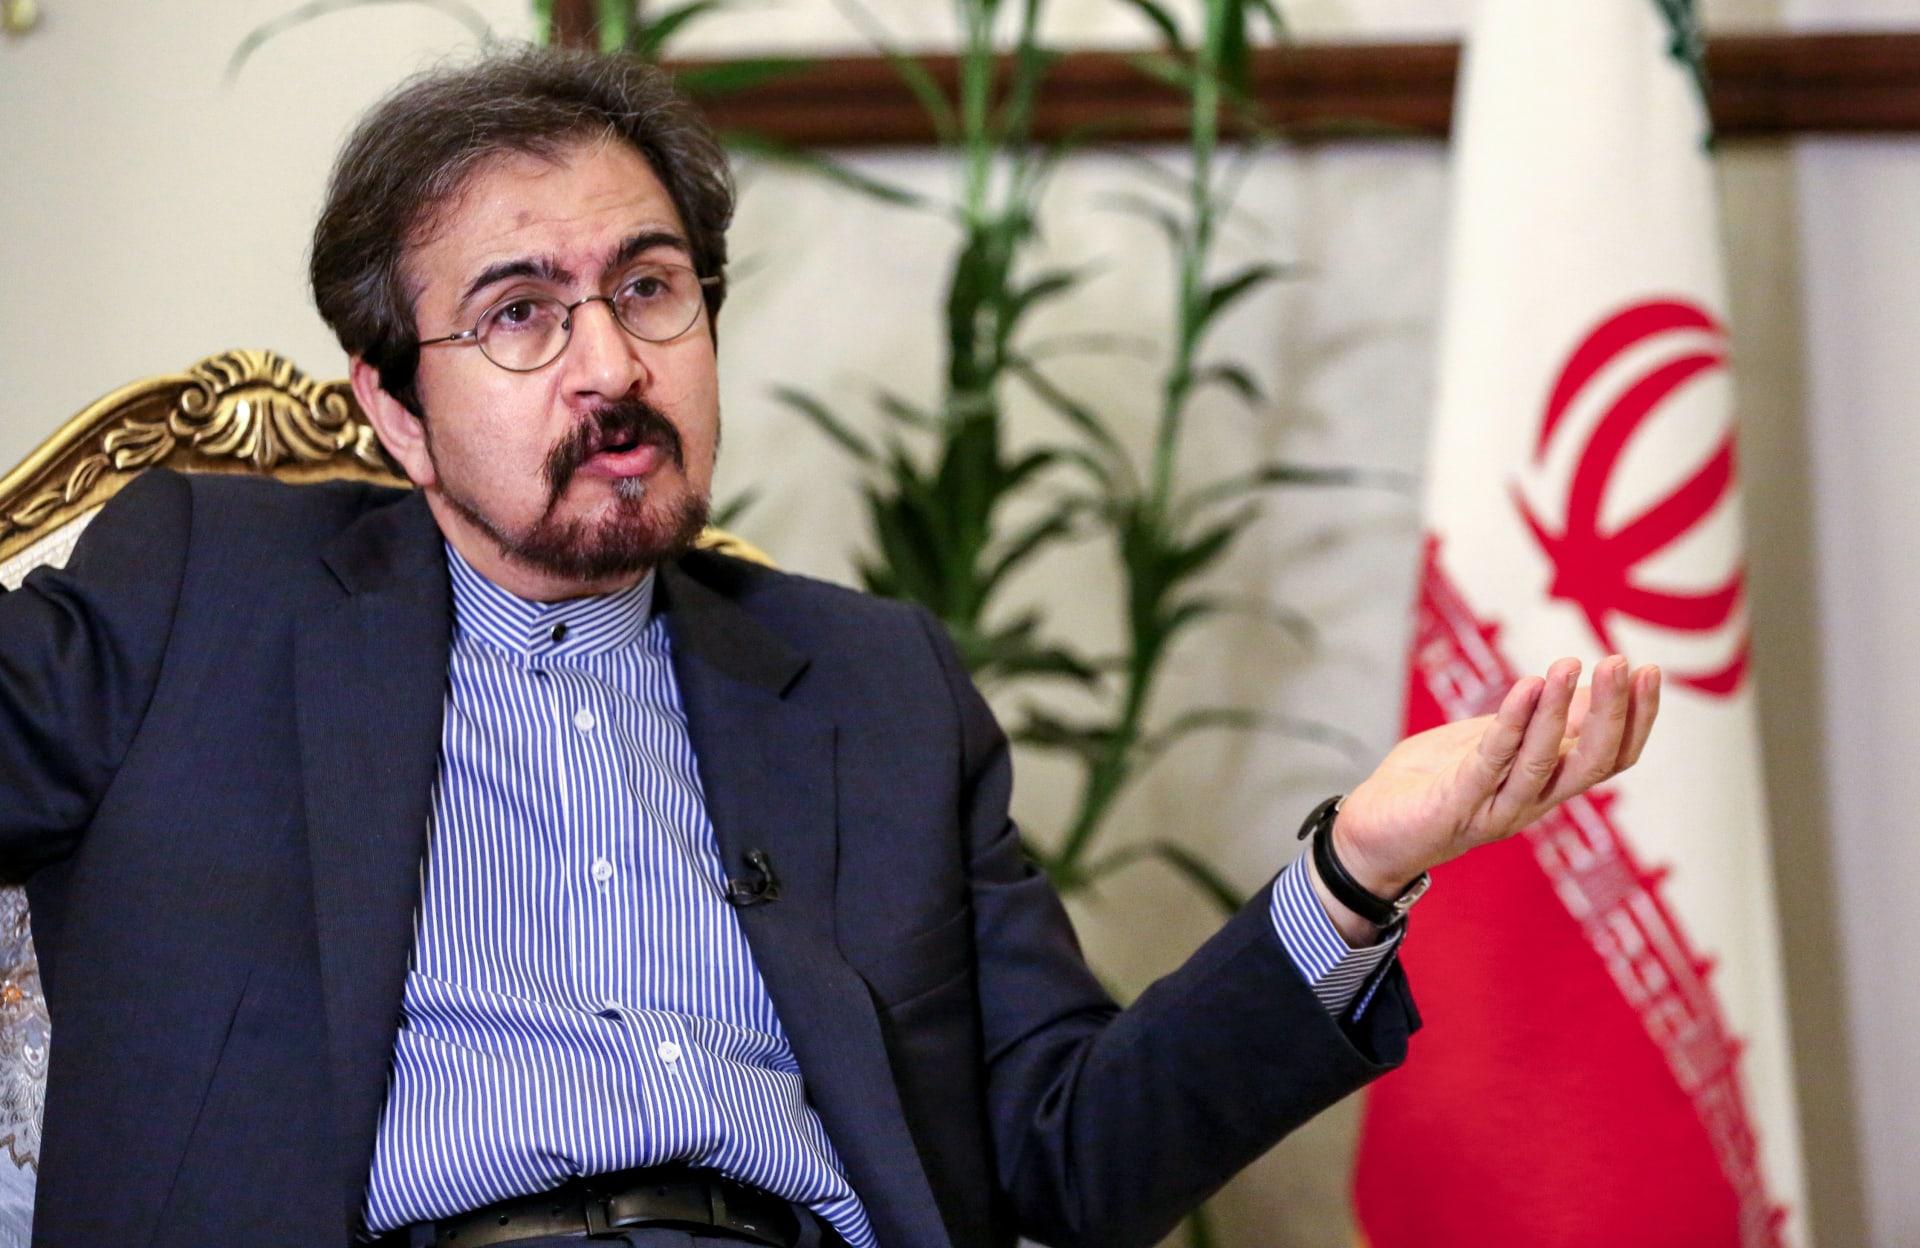 طهران: واشنطن تروج بصراحة ووقاحة لحقوق إنسان قائمة على صفقات السلاح